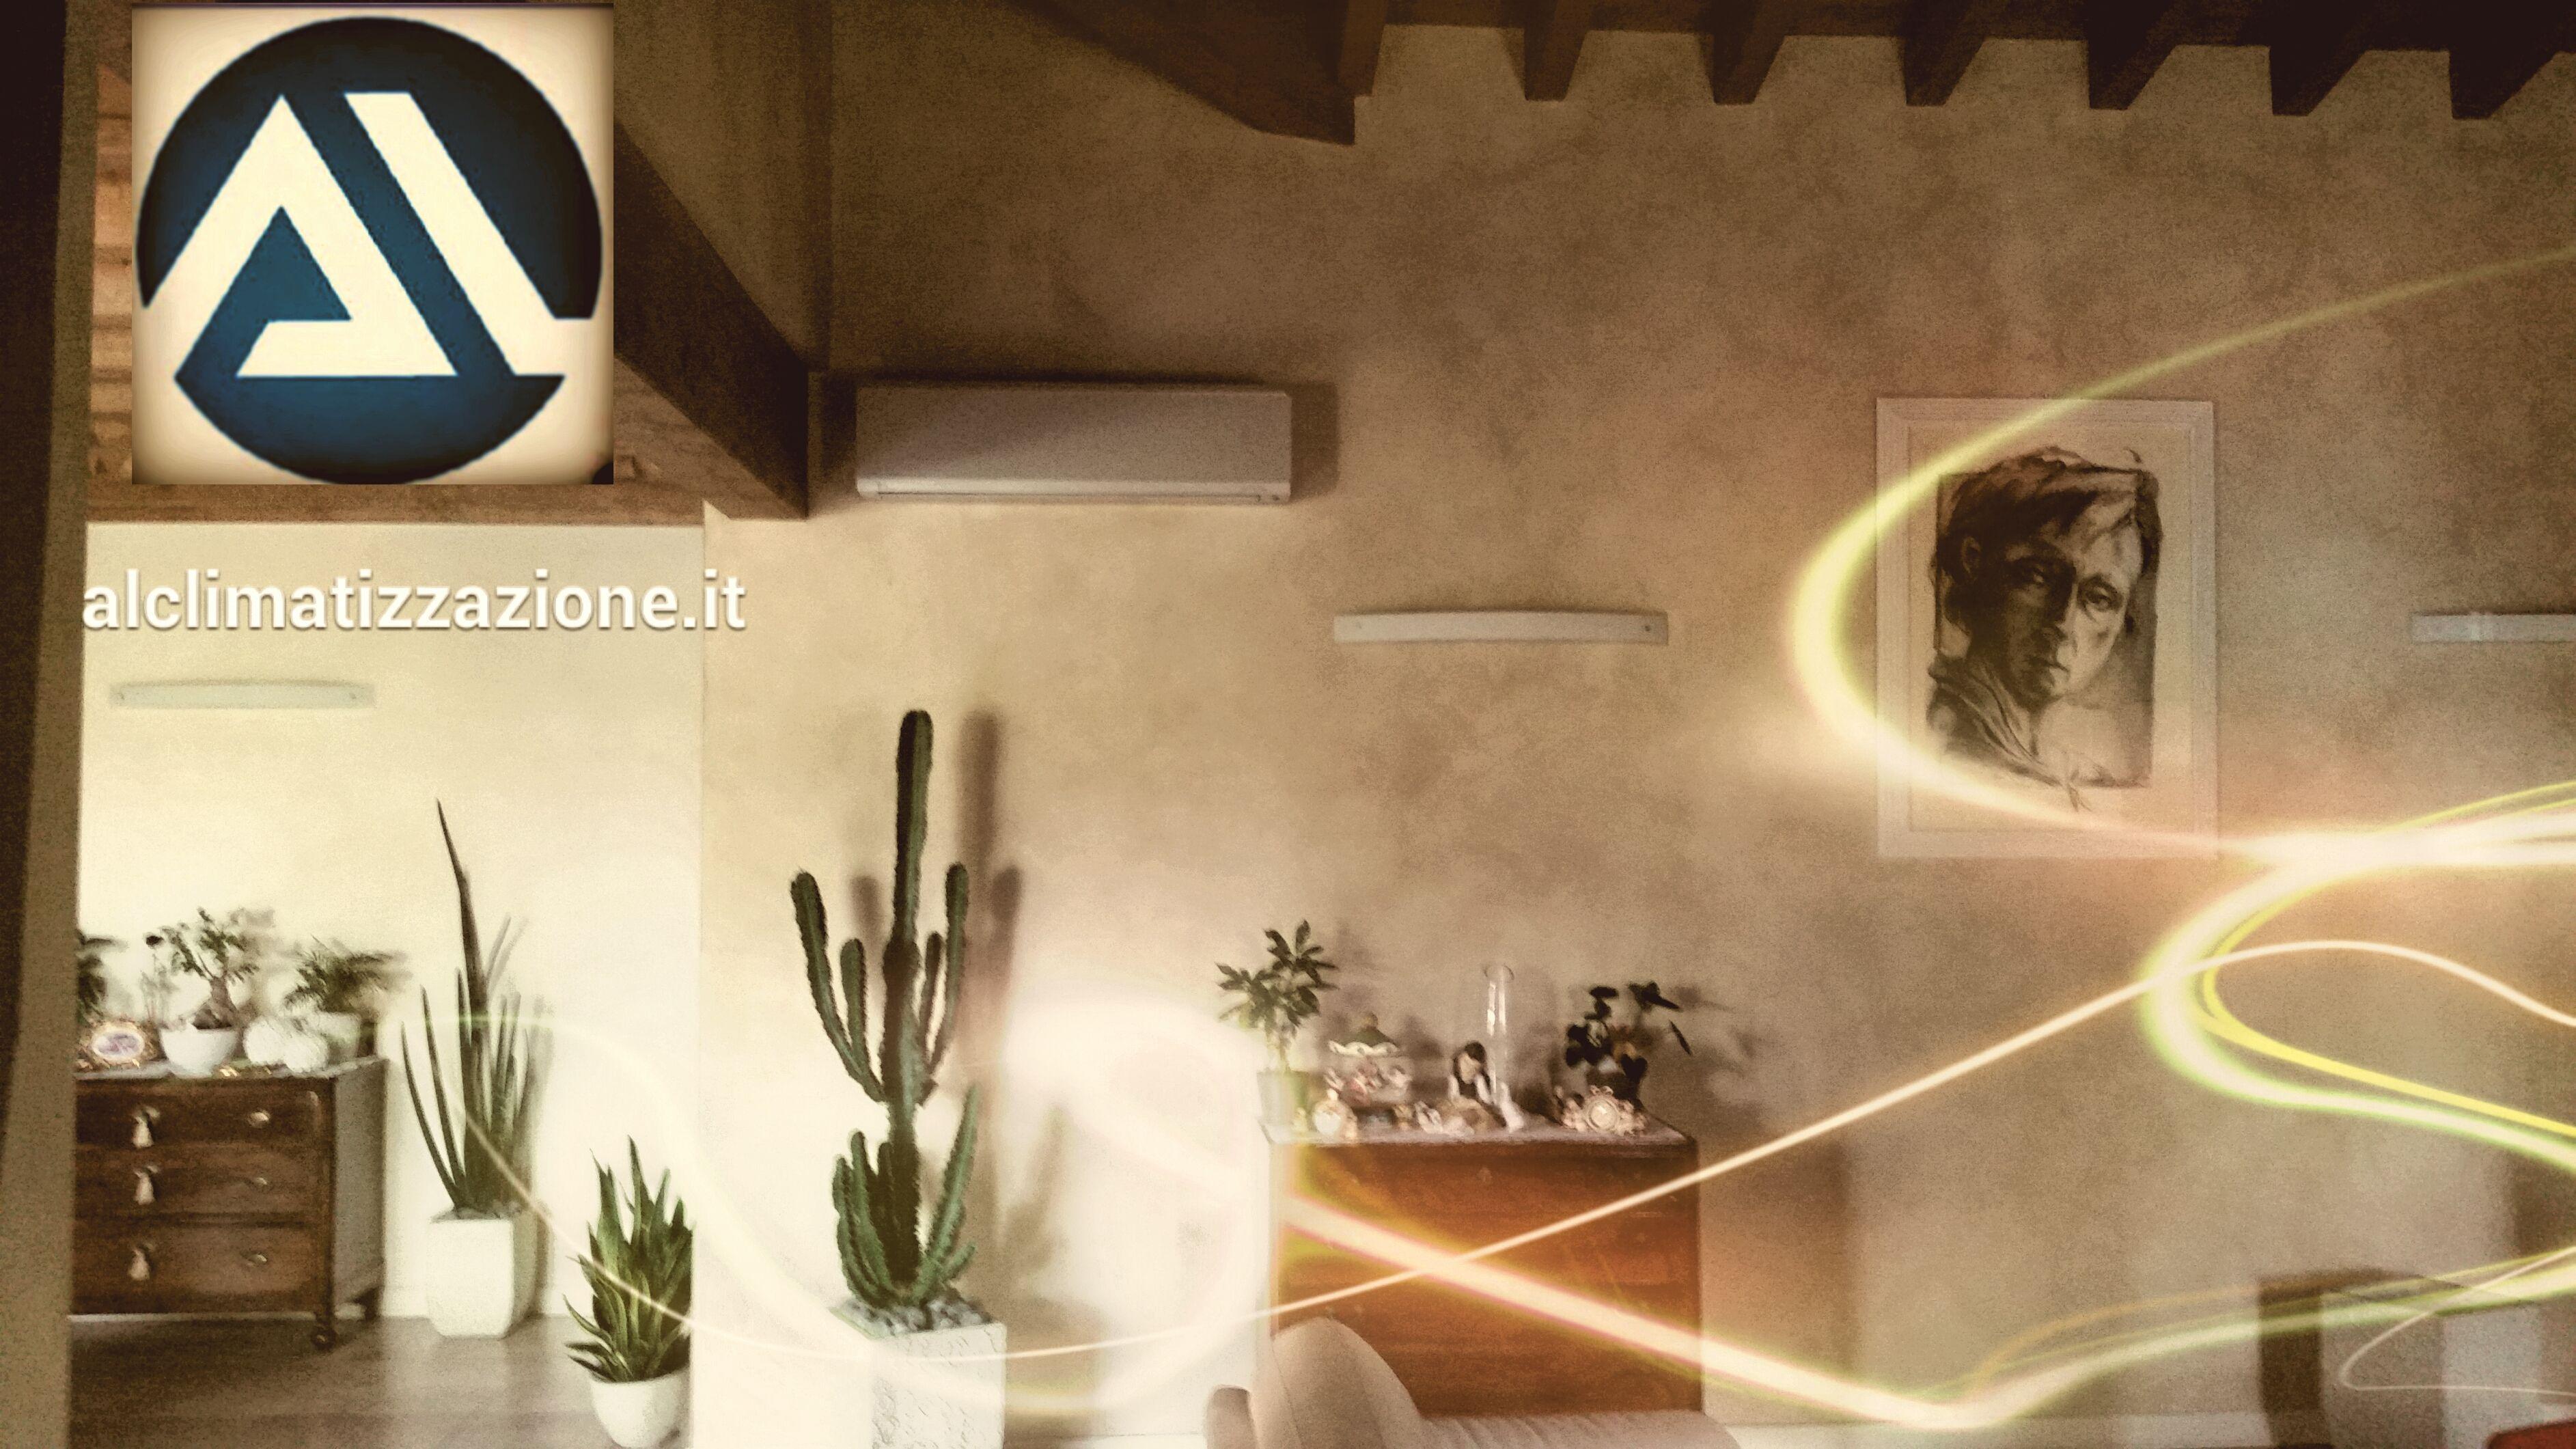 Installare #climatizzatori è un arte che pratichiamo quotidianamente da oltre 20 anni con grande soddisfazione. www.alclimatizzazione.it